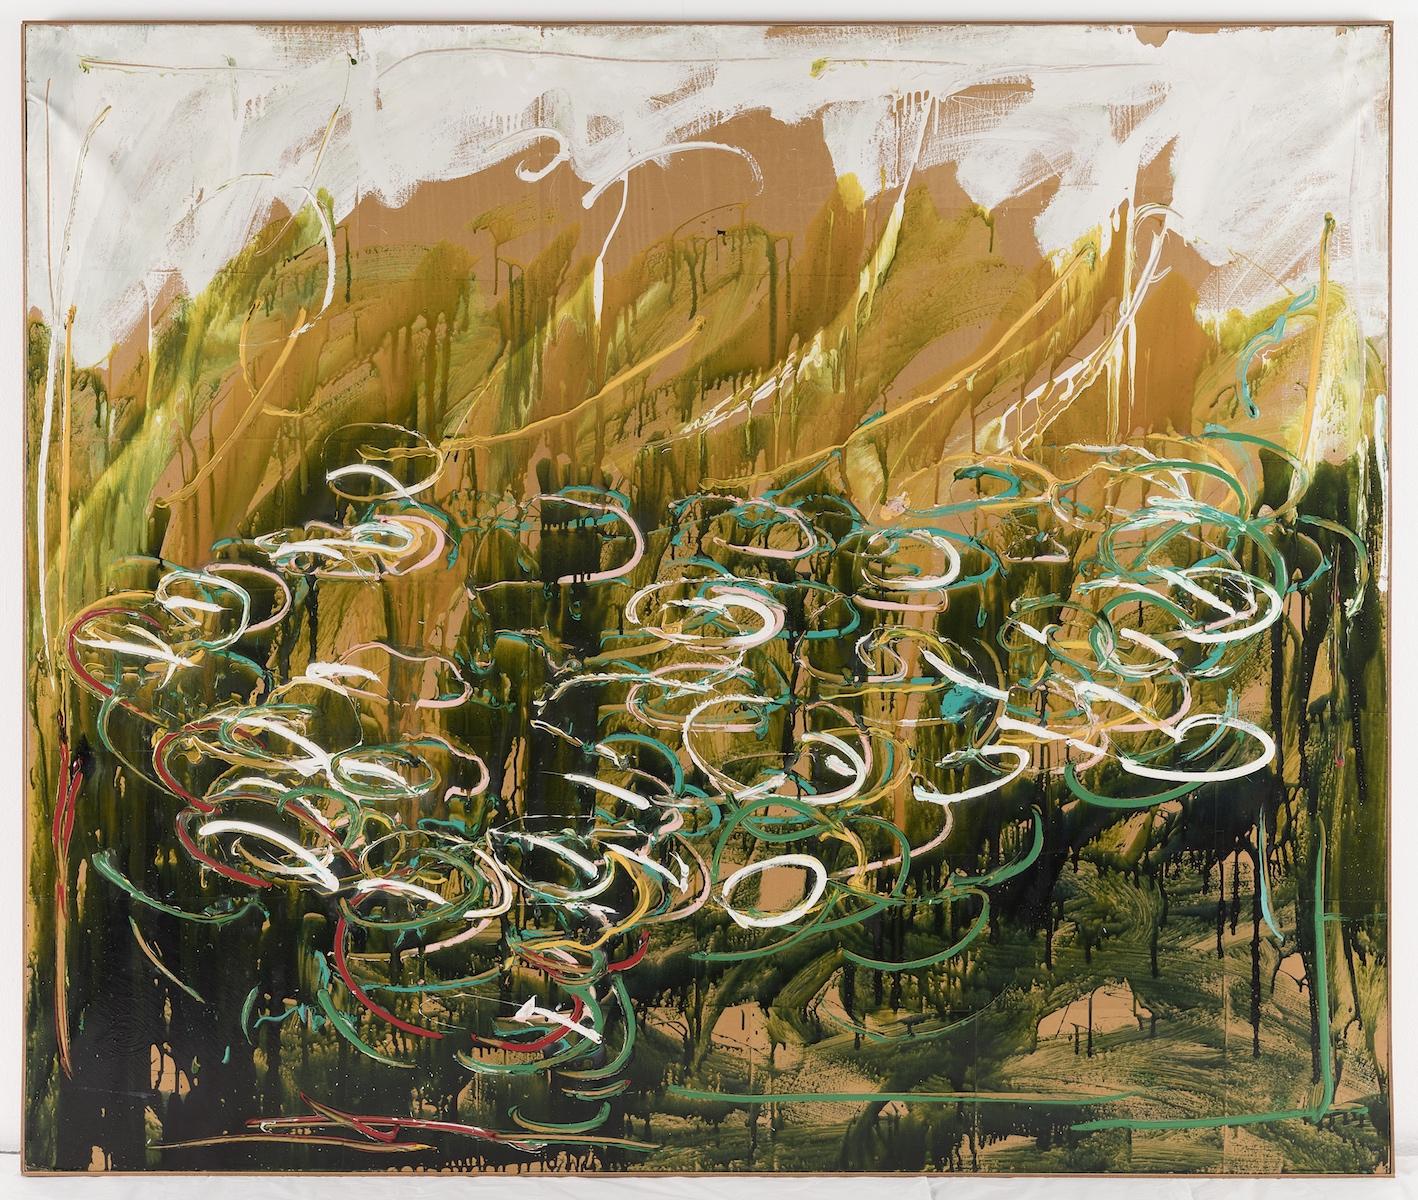 1983, smalto e acrilico su carta applicata su tela, cm 150x190